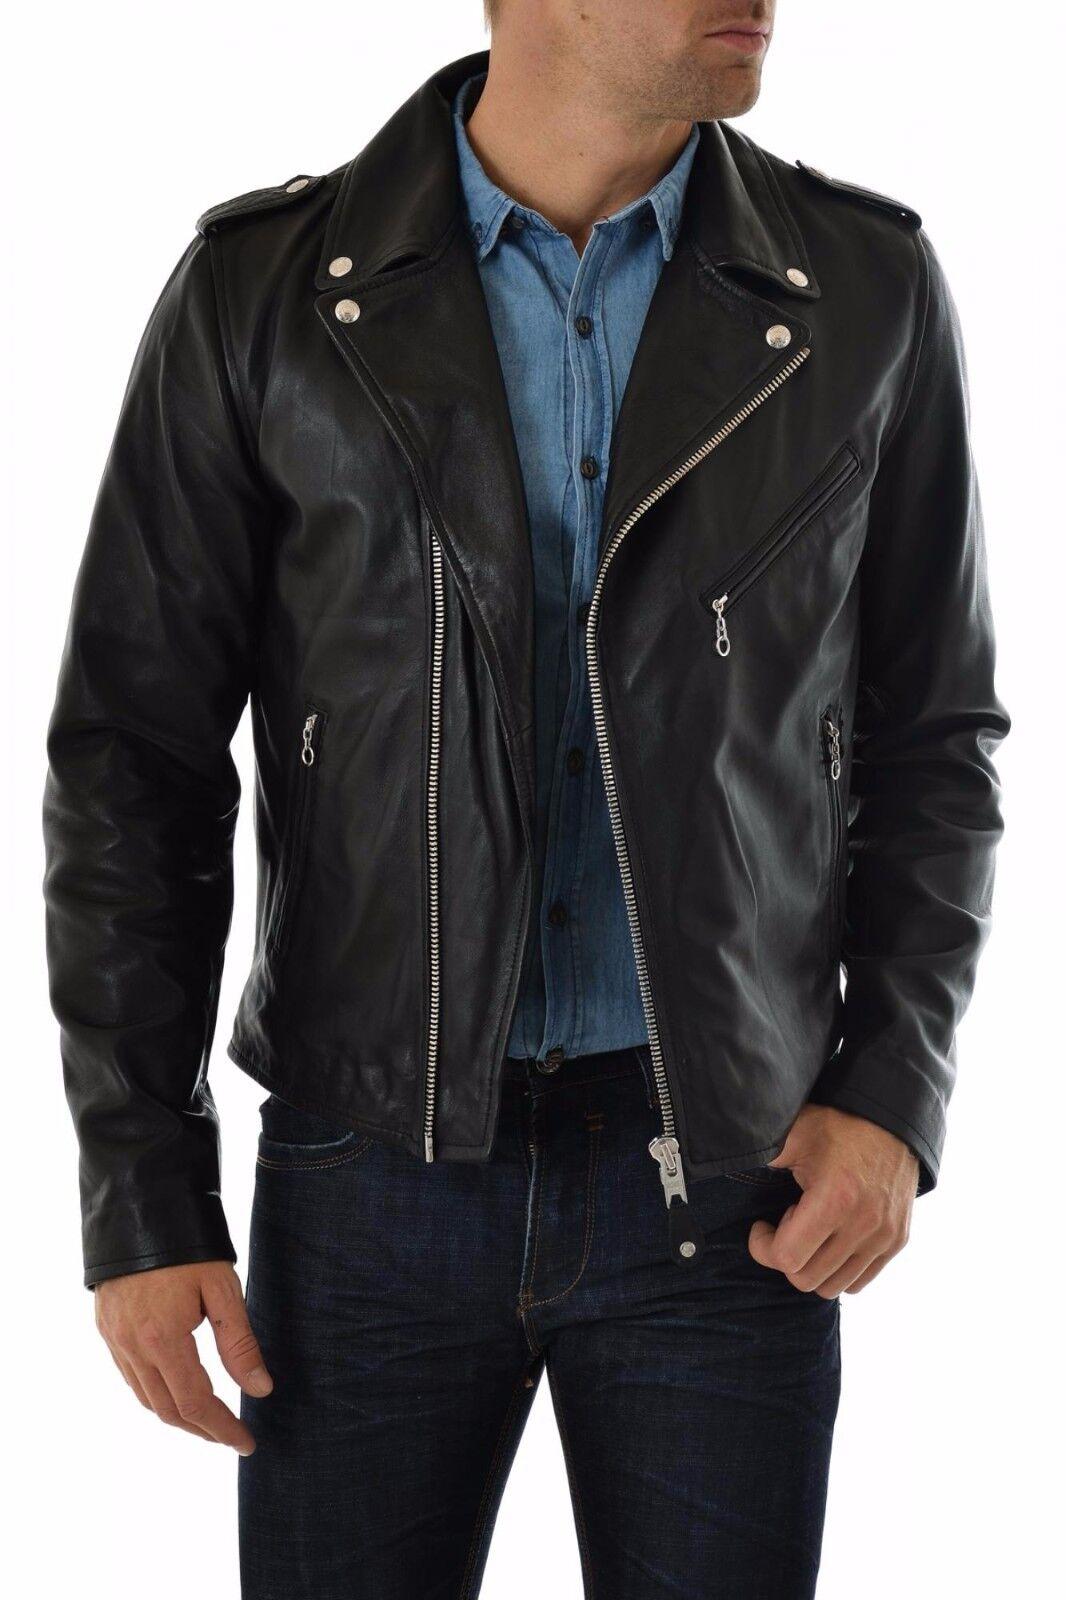 US Veste en cuir Hommes veste cuir Herren Lederjacke Chaqueta Cuero R102c